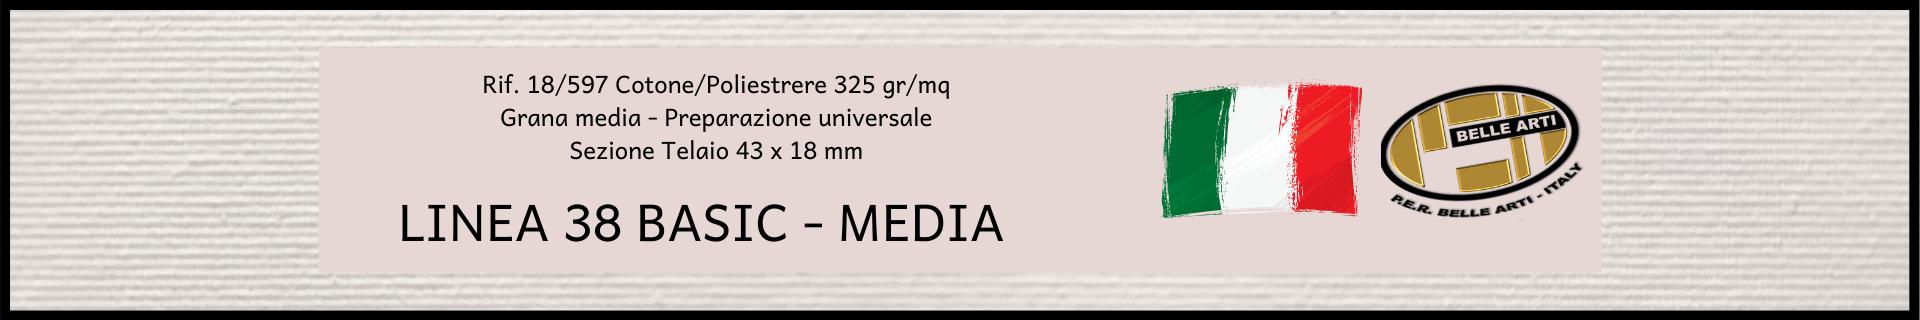 P.E.R. Bellearti Linea 38